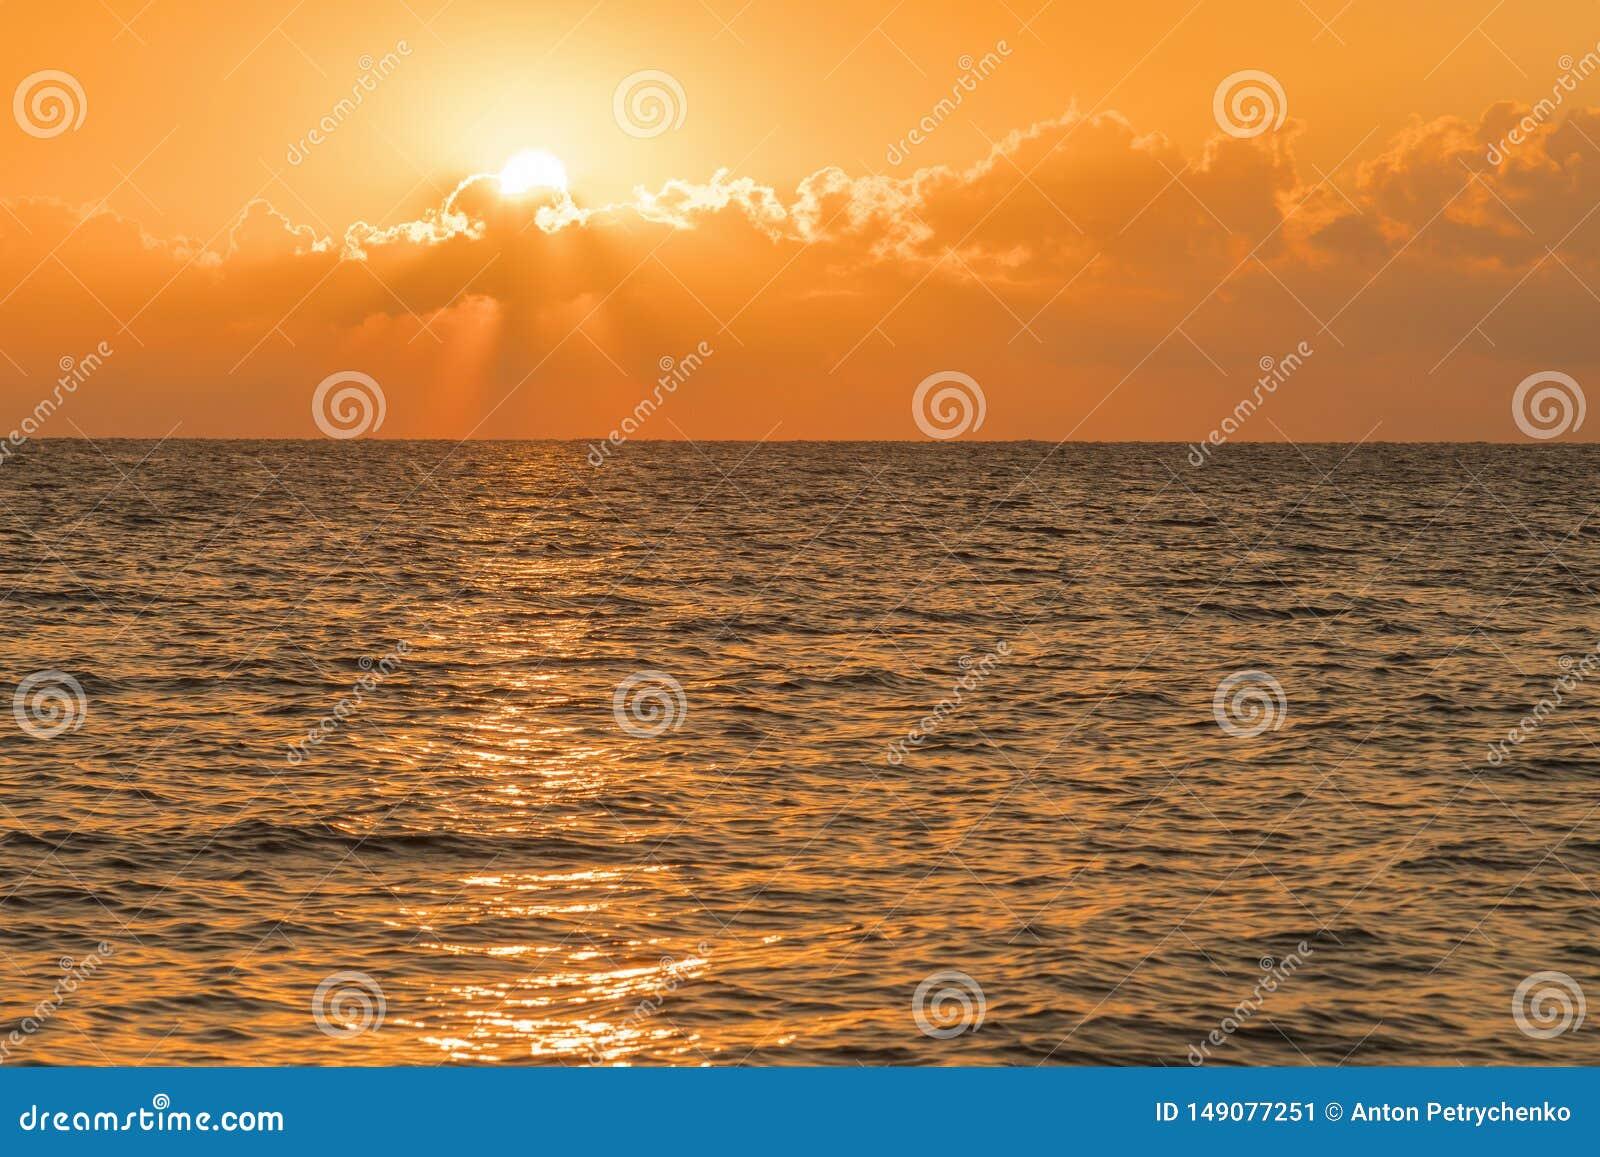 Alvorecer colorido sobre o mar, por do sol Por do sol m?gico bonito sobre o mar